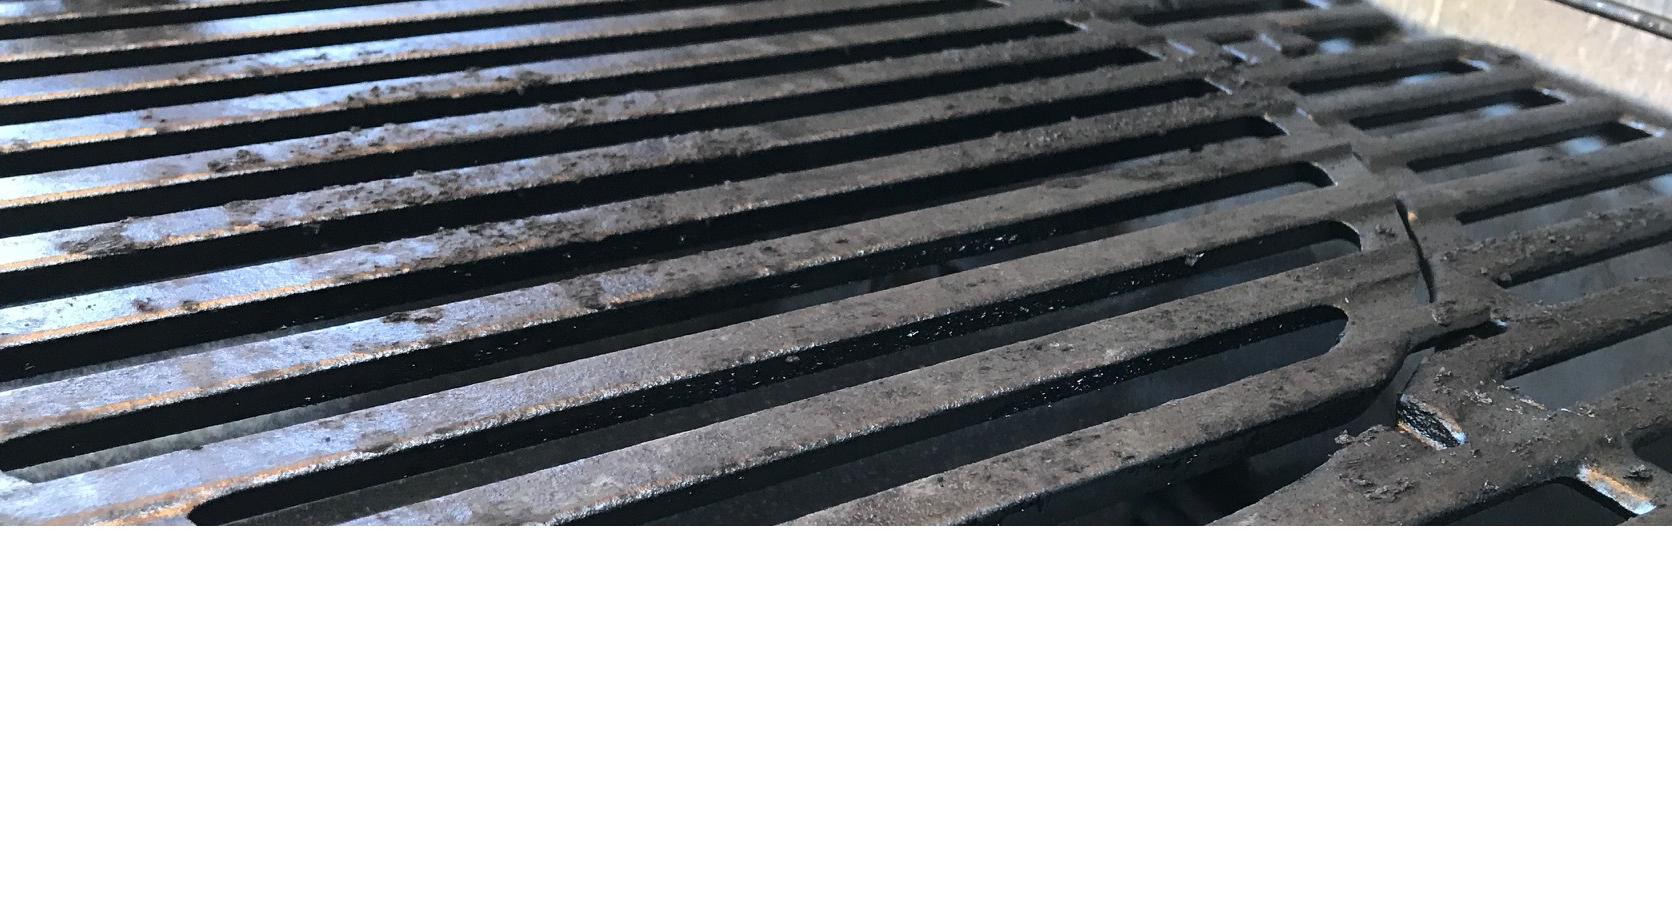 Weber Holzkohlegrill Mit Gussrost : Weber gussrost wie richtig reinigen grillforum und bbq